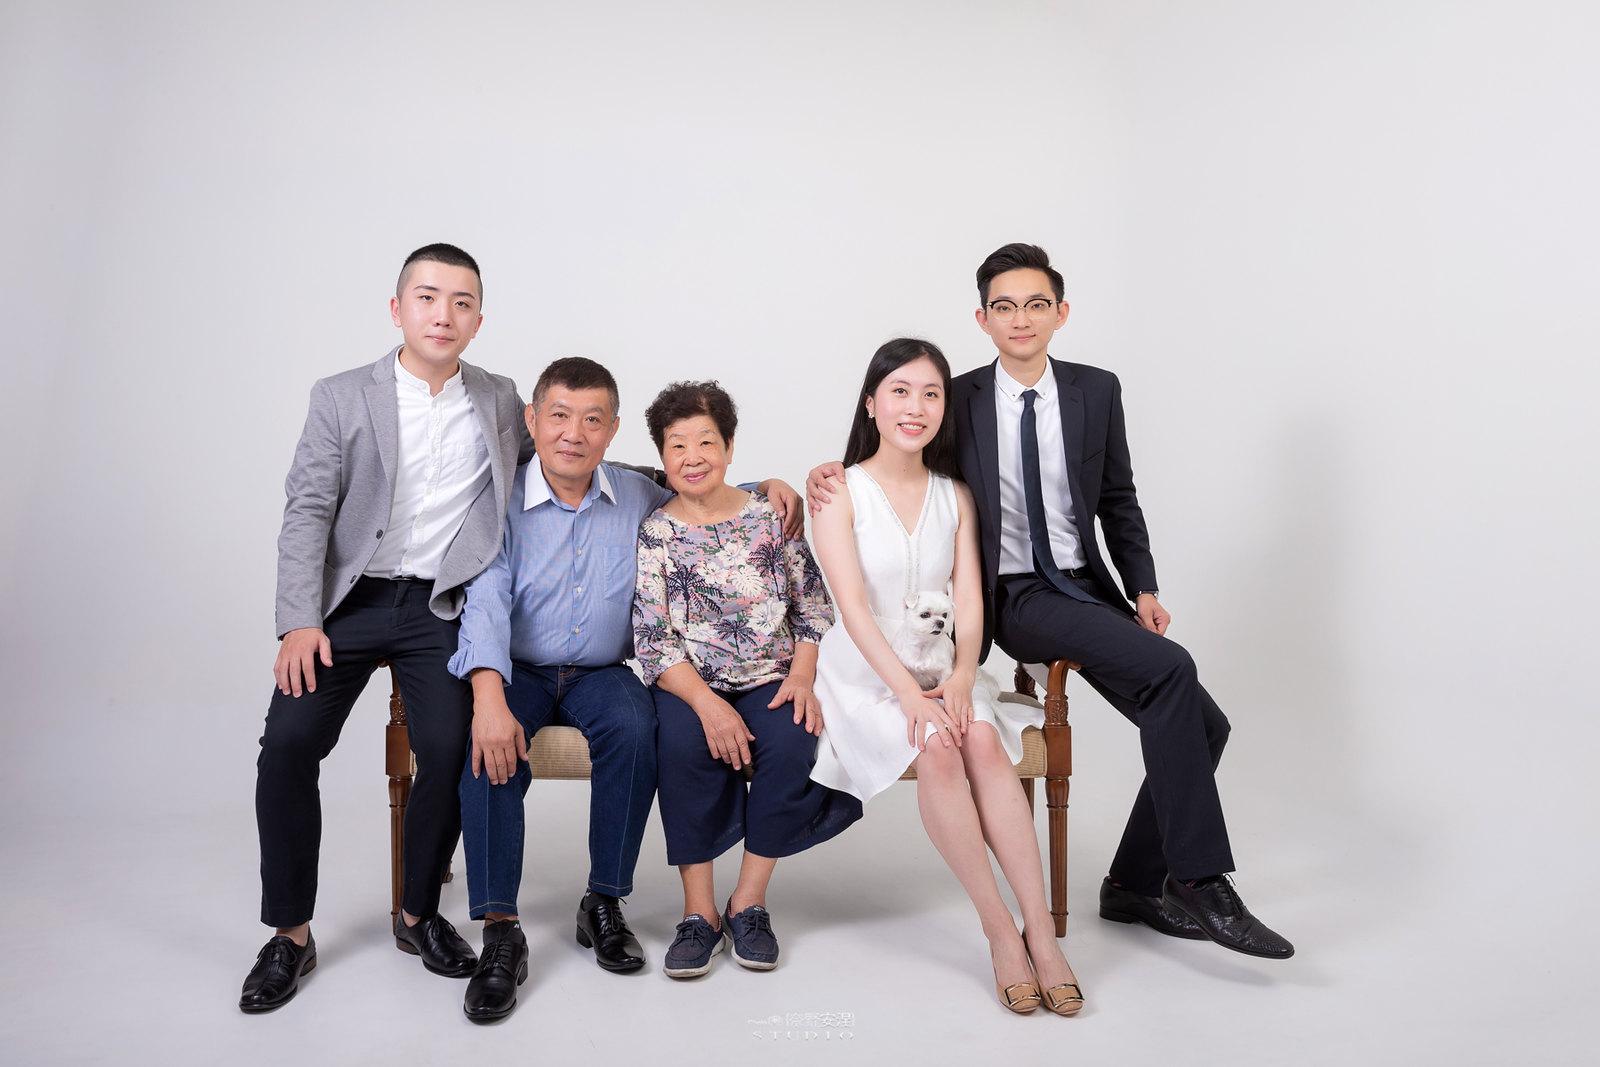 台南全家福 | 拋棄傳統合照的彆扭,忠實呈現家人間最親密的情感8